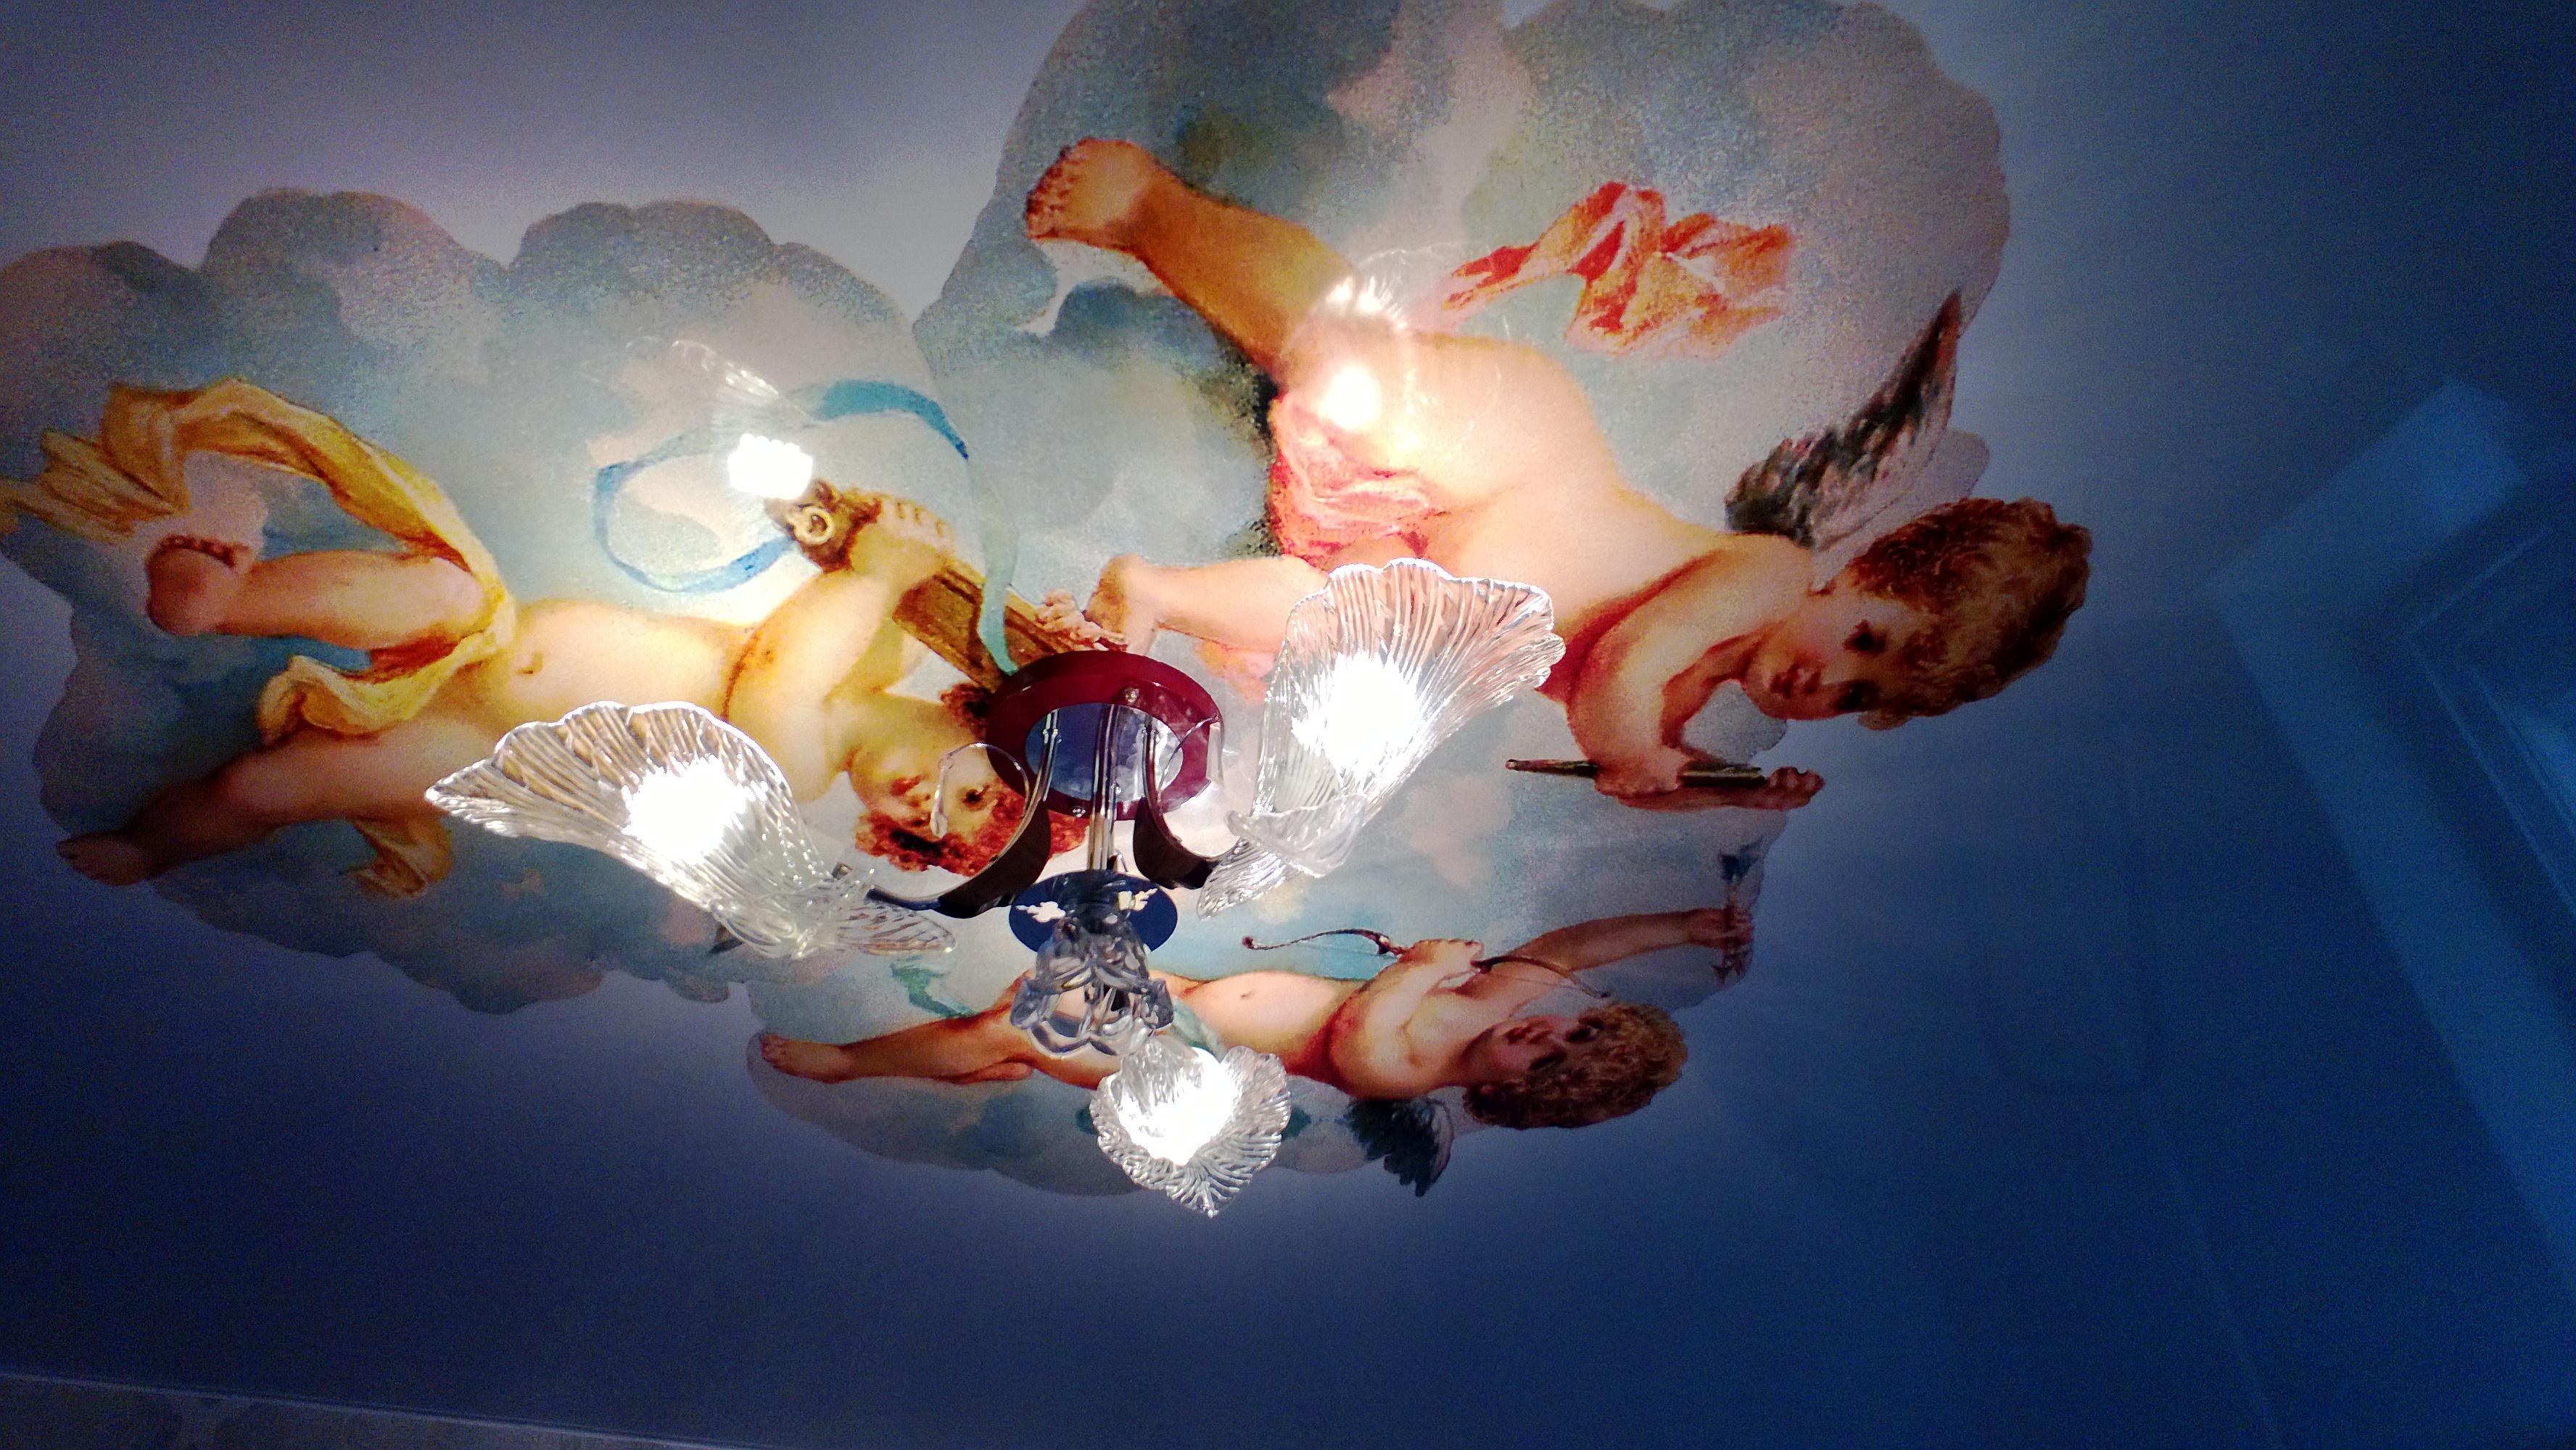 натяжные потолки фото установка цена двухуровневые матовые тканевые в Нижнем Новгороде